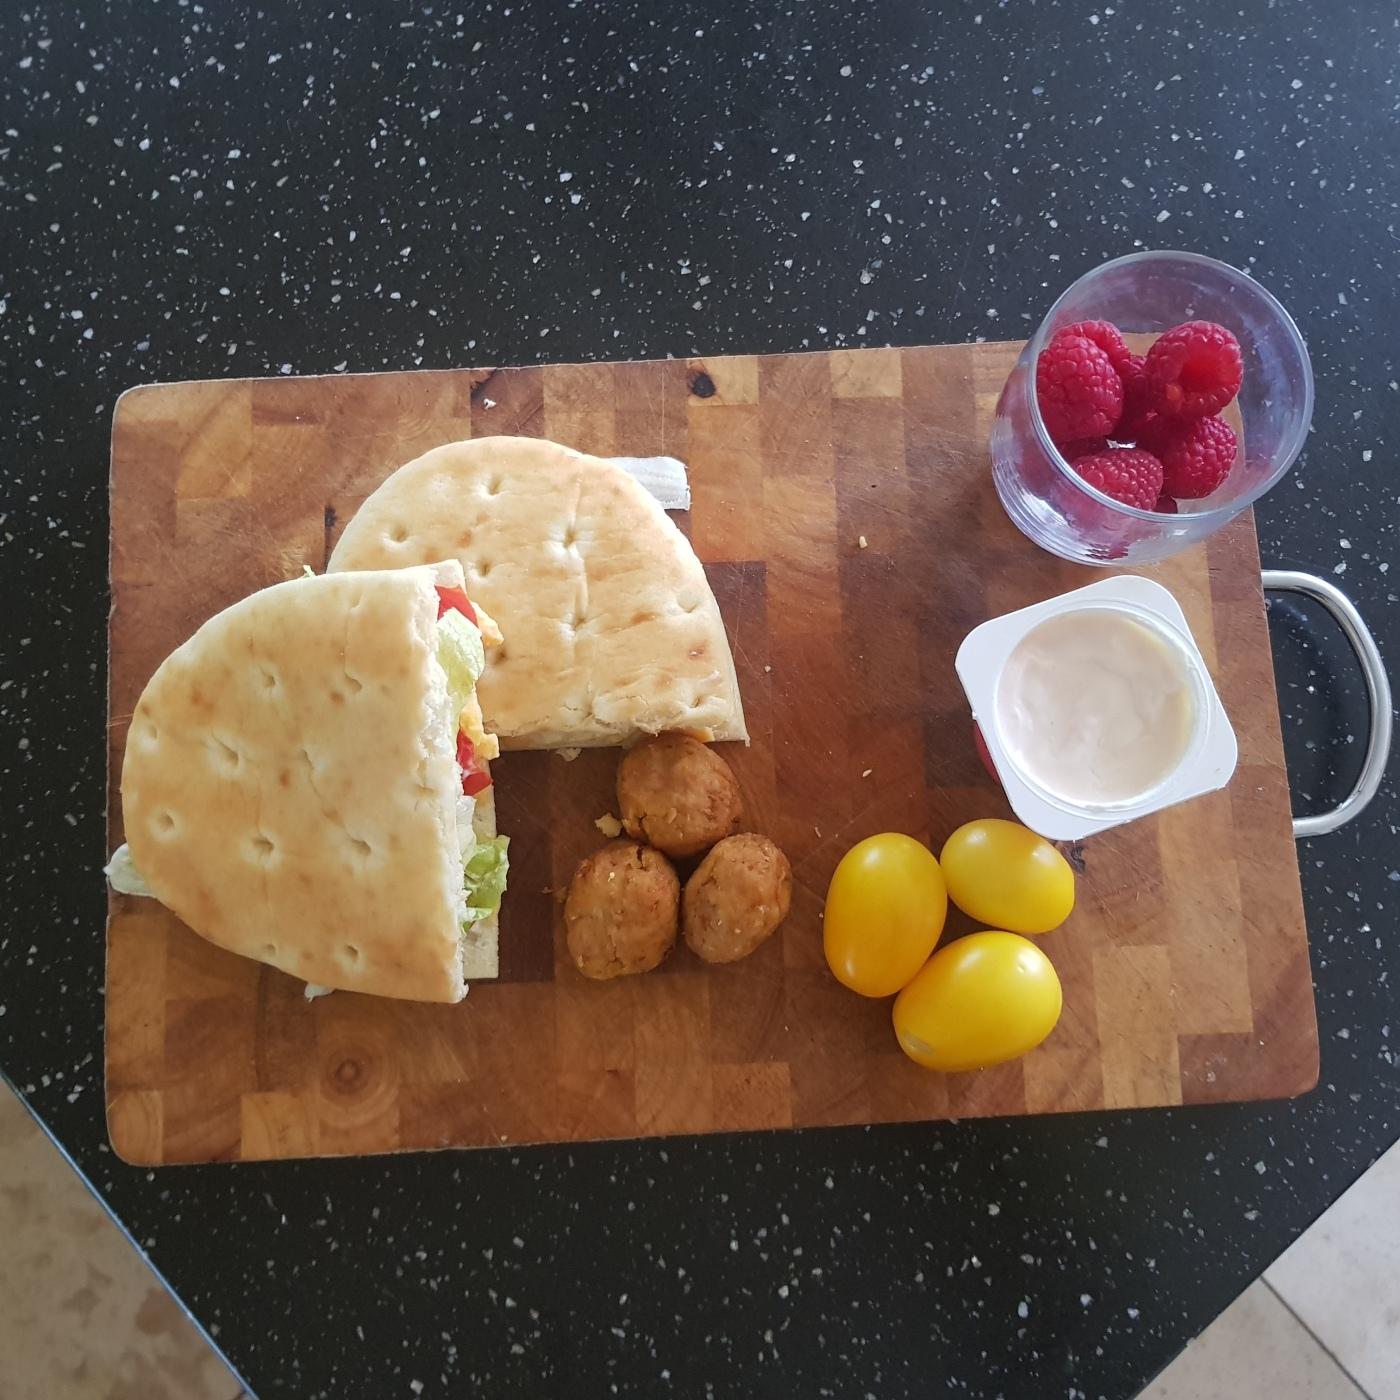 deli kitchen flatbread